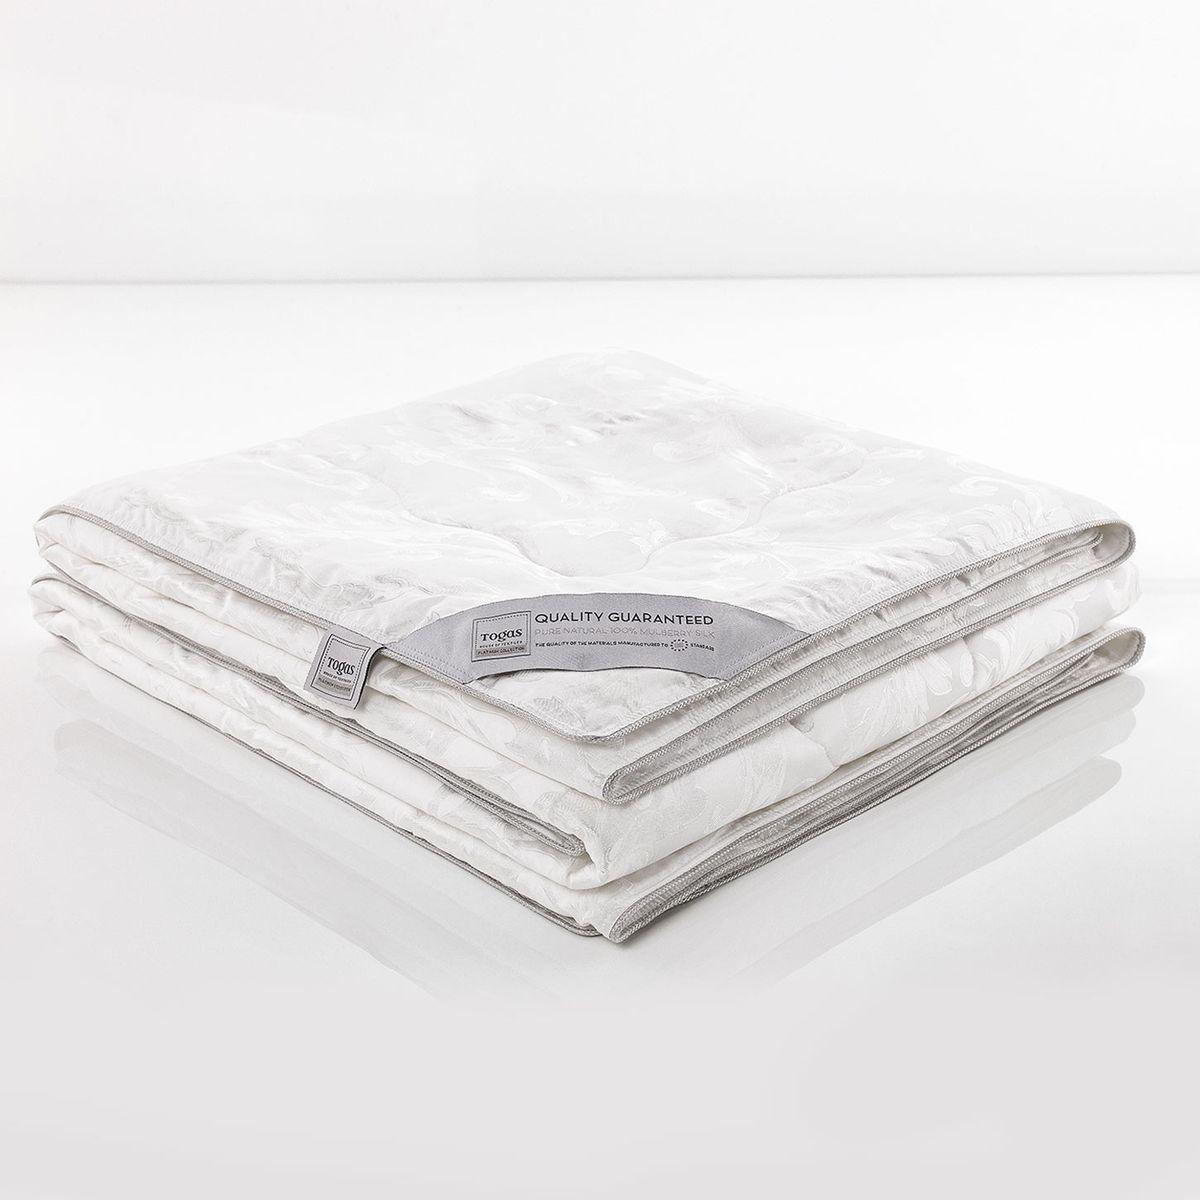 """Одеяло Шелк В Шелке, 220 х 240 см. 47.3347.33Если Вы стремились к совершенству, - Вы его достигли: одеяло «Шелк в шелке» - настоящая жемчужина коллекции Togas. Ничто не сравнится с прикосновением натурального шелка к Вашей коже… Шелк - прекрасный натуральный терморегулятор. Он способен быстро поглощать тепло и поддерживать неизменную температуру тела вне зависимости от условий окружающей среды, создавая идеальный микроклимат. Шелк дышит: он хорошо впитывает и испаряет влагу, """"кондиционирует"""" тело во время сна, насыщая его кислородом. Одеяло, сделанное из натурального шелка сорта Малбери, отличается особой нежностью и абсолютной невесомостью."""